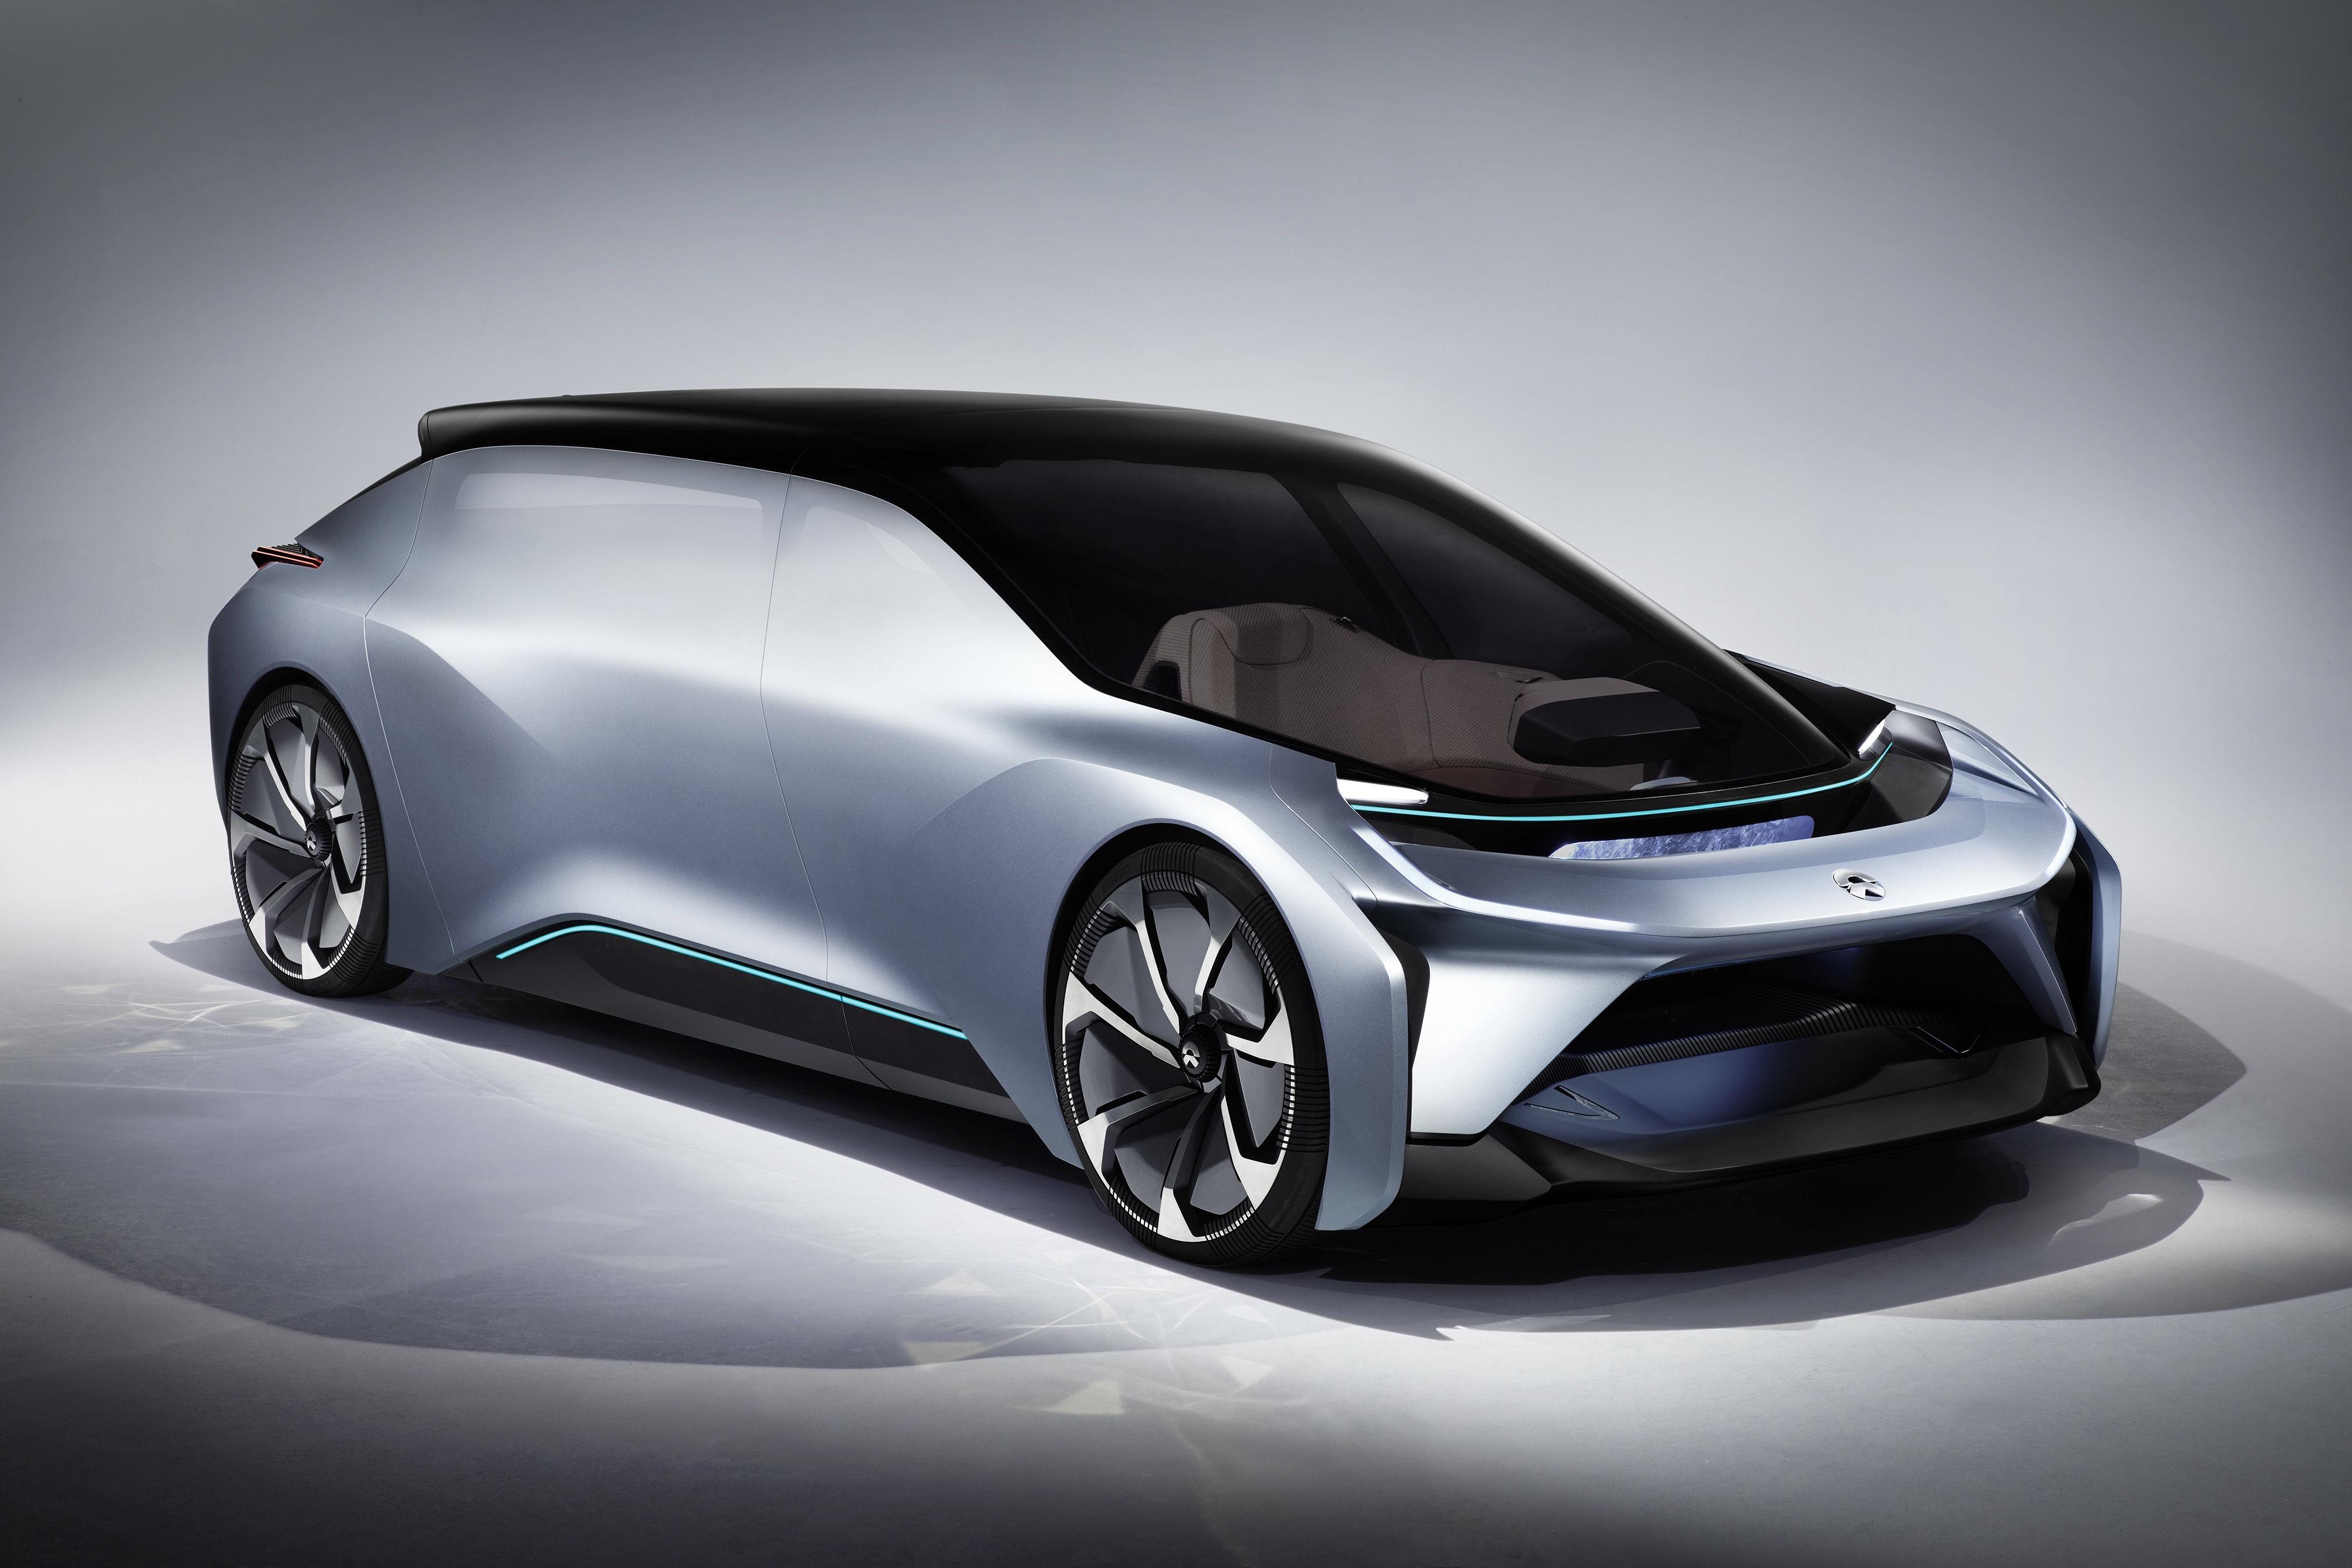 蔚来汽车首款概念车EVE.jpg